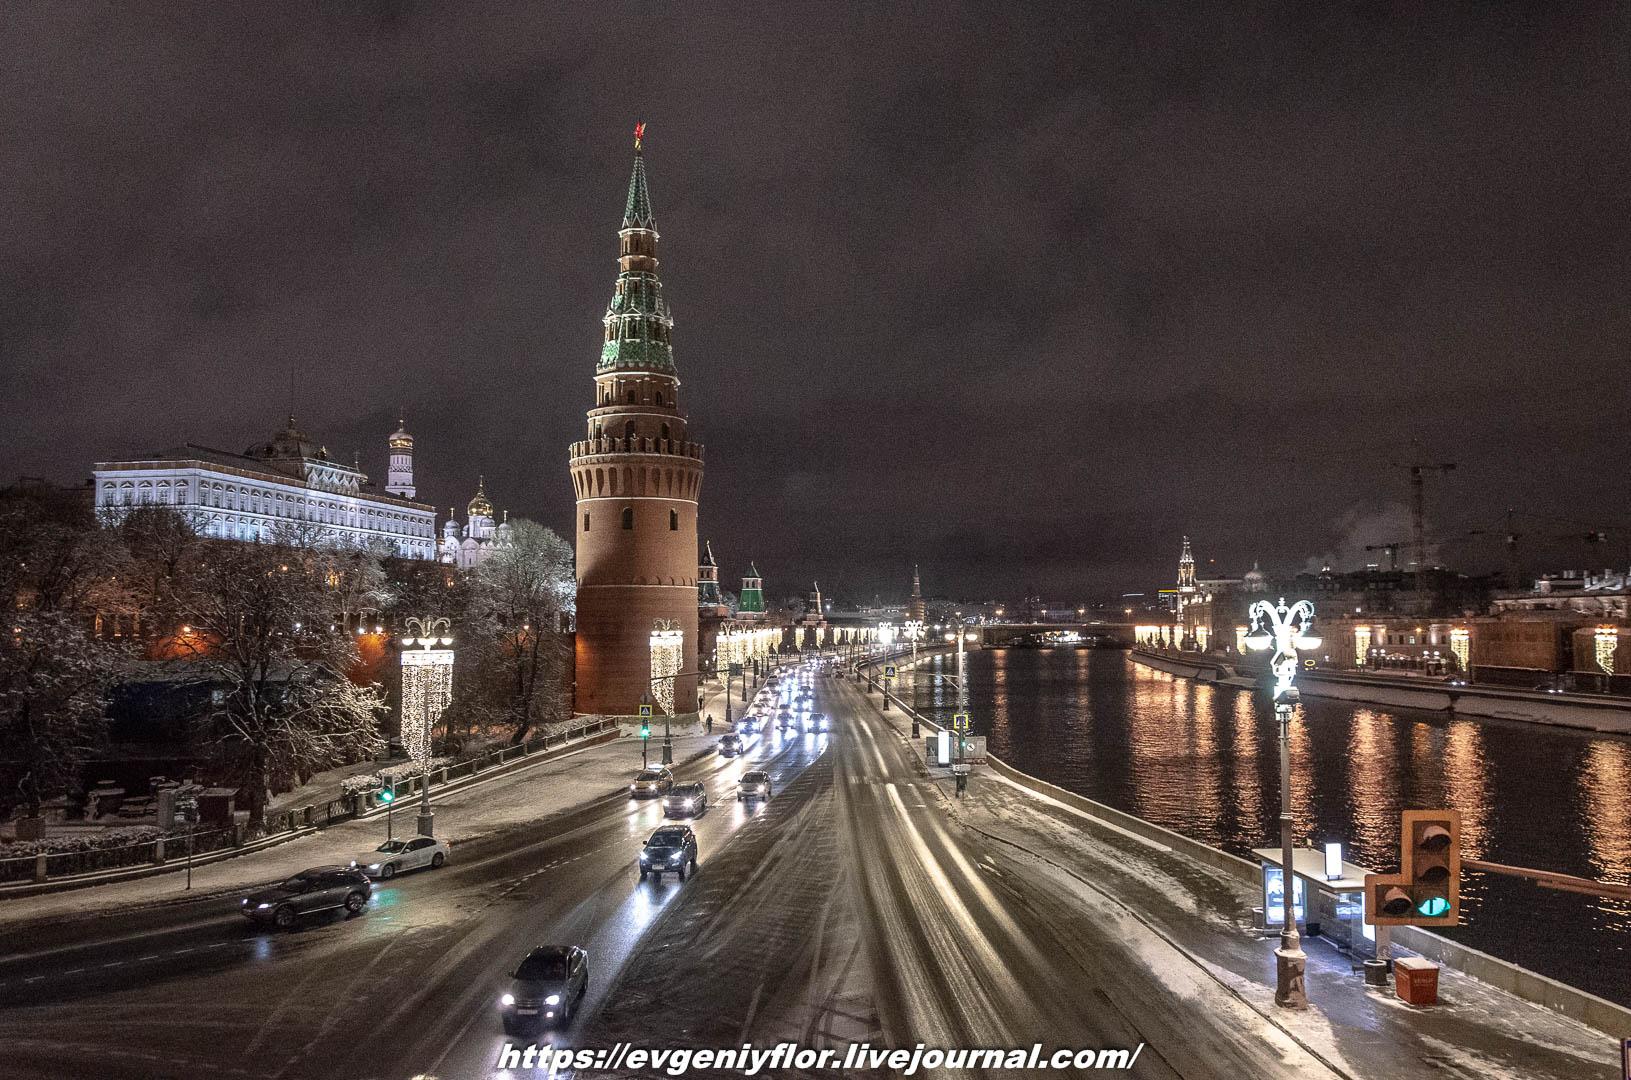 Вечерняя прогулка после снегопада    13 02 - 2019 Среда !Новая папка (2)6655.jpg